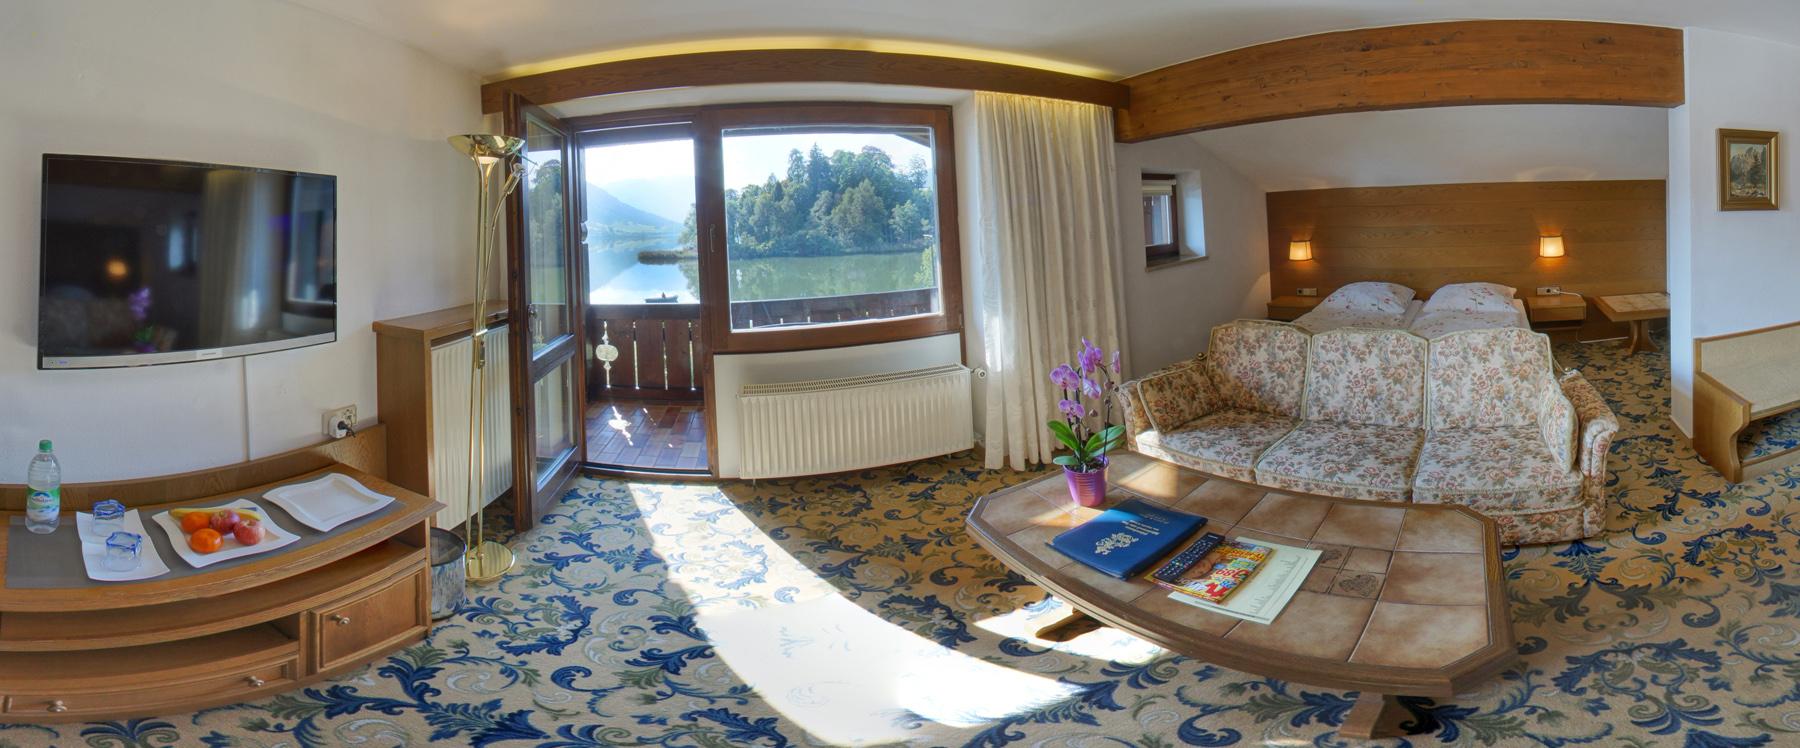 Wohn- & Schlafbereich Doppelzimmer